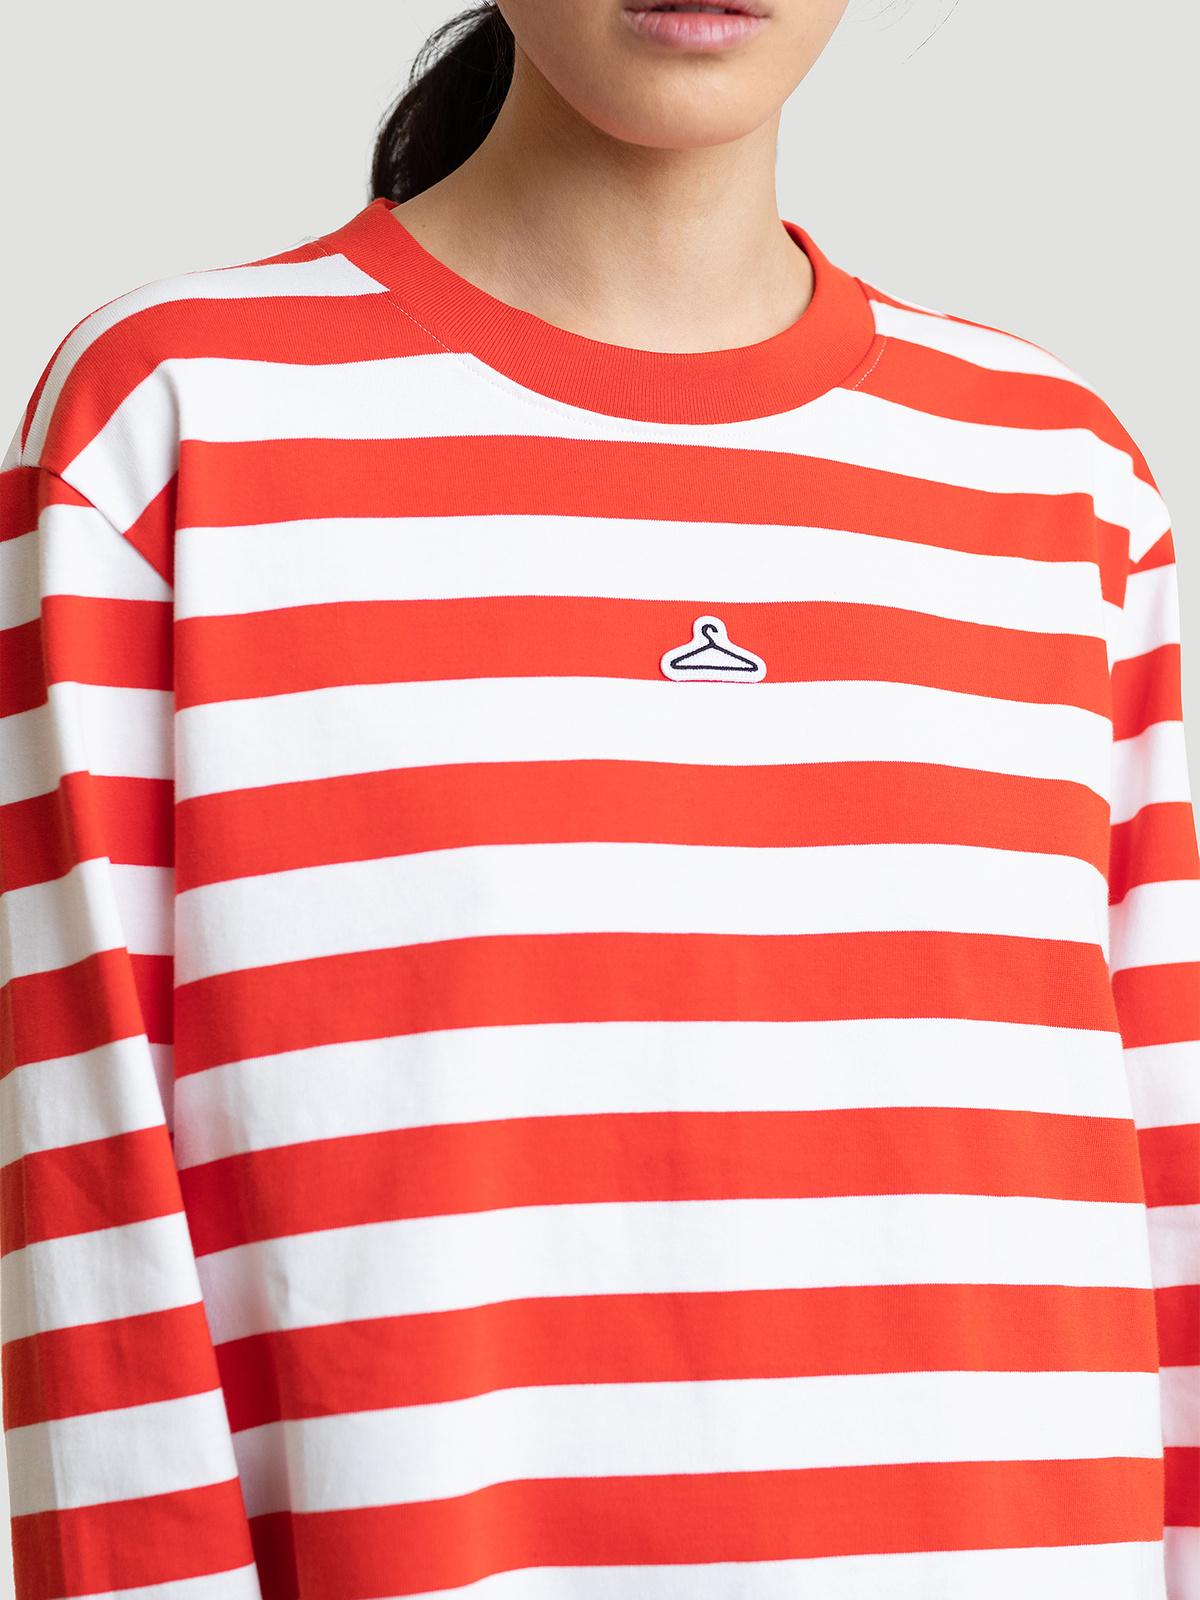 Hanger Striped Longsleeve Red White 4